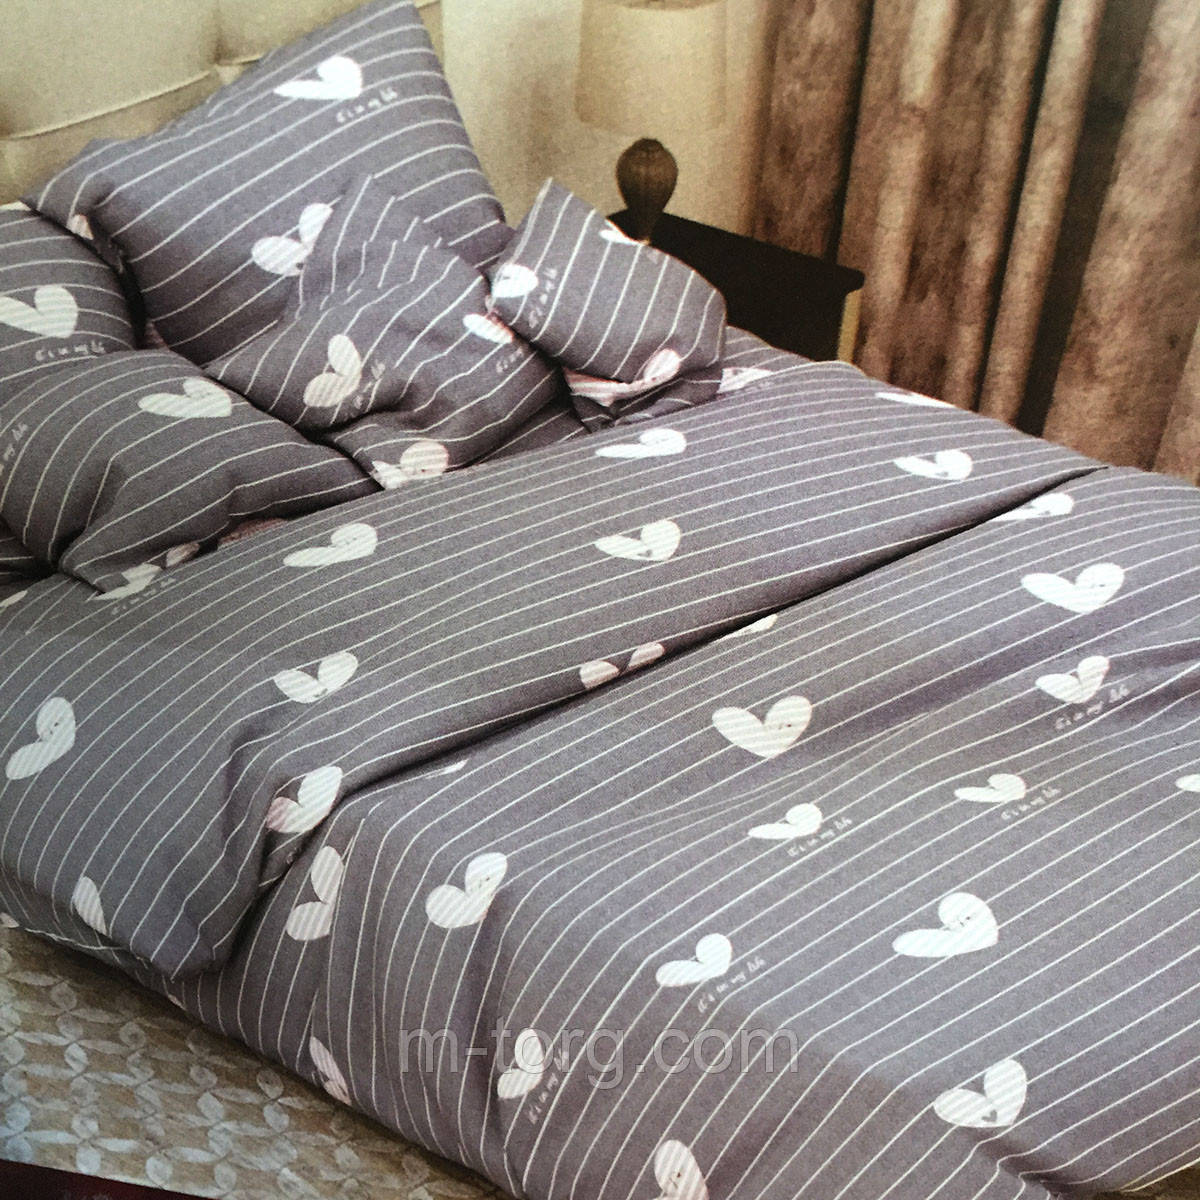 Комплект постельного белья двуспальный 180/220,простынь 200/220,нав-ки 70/70,ткань сатин 100% хлопок